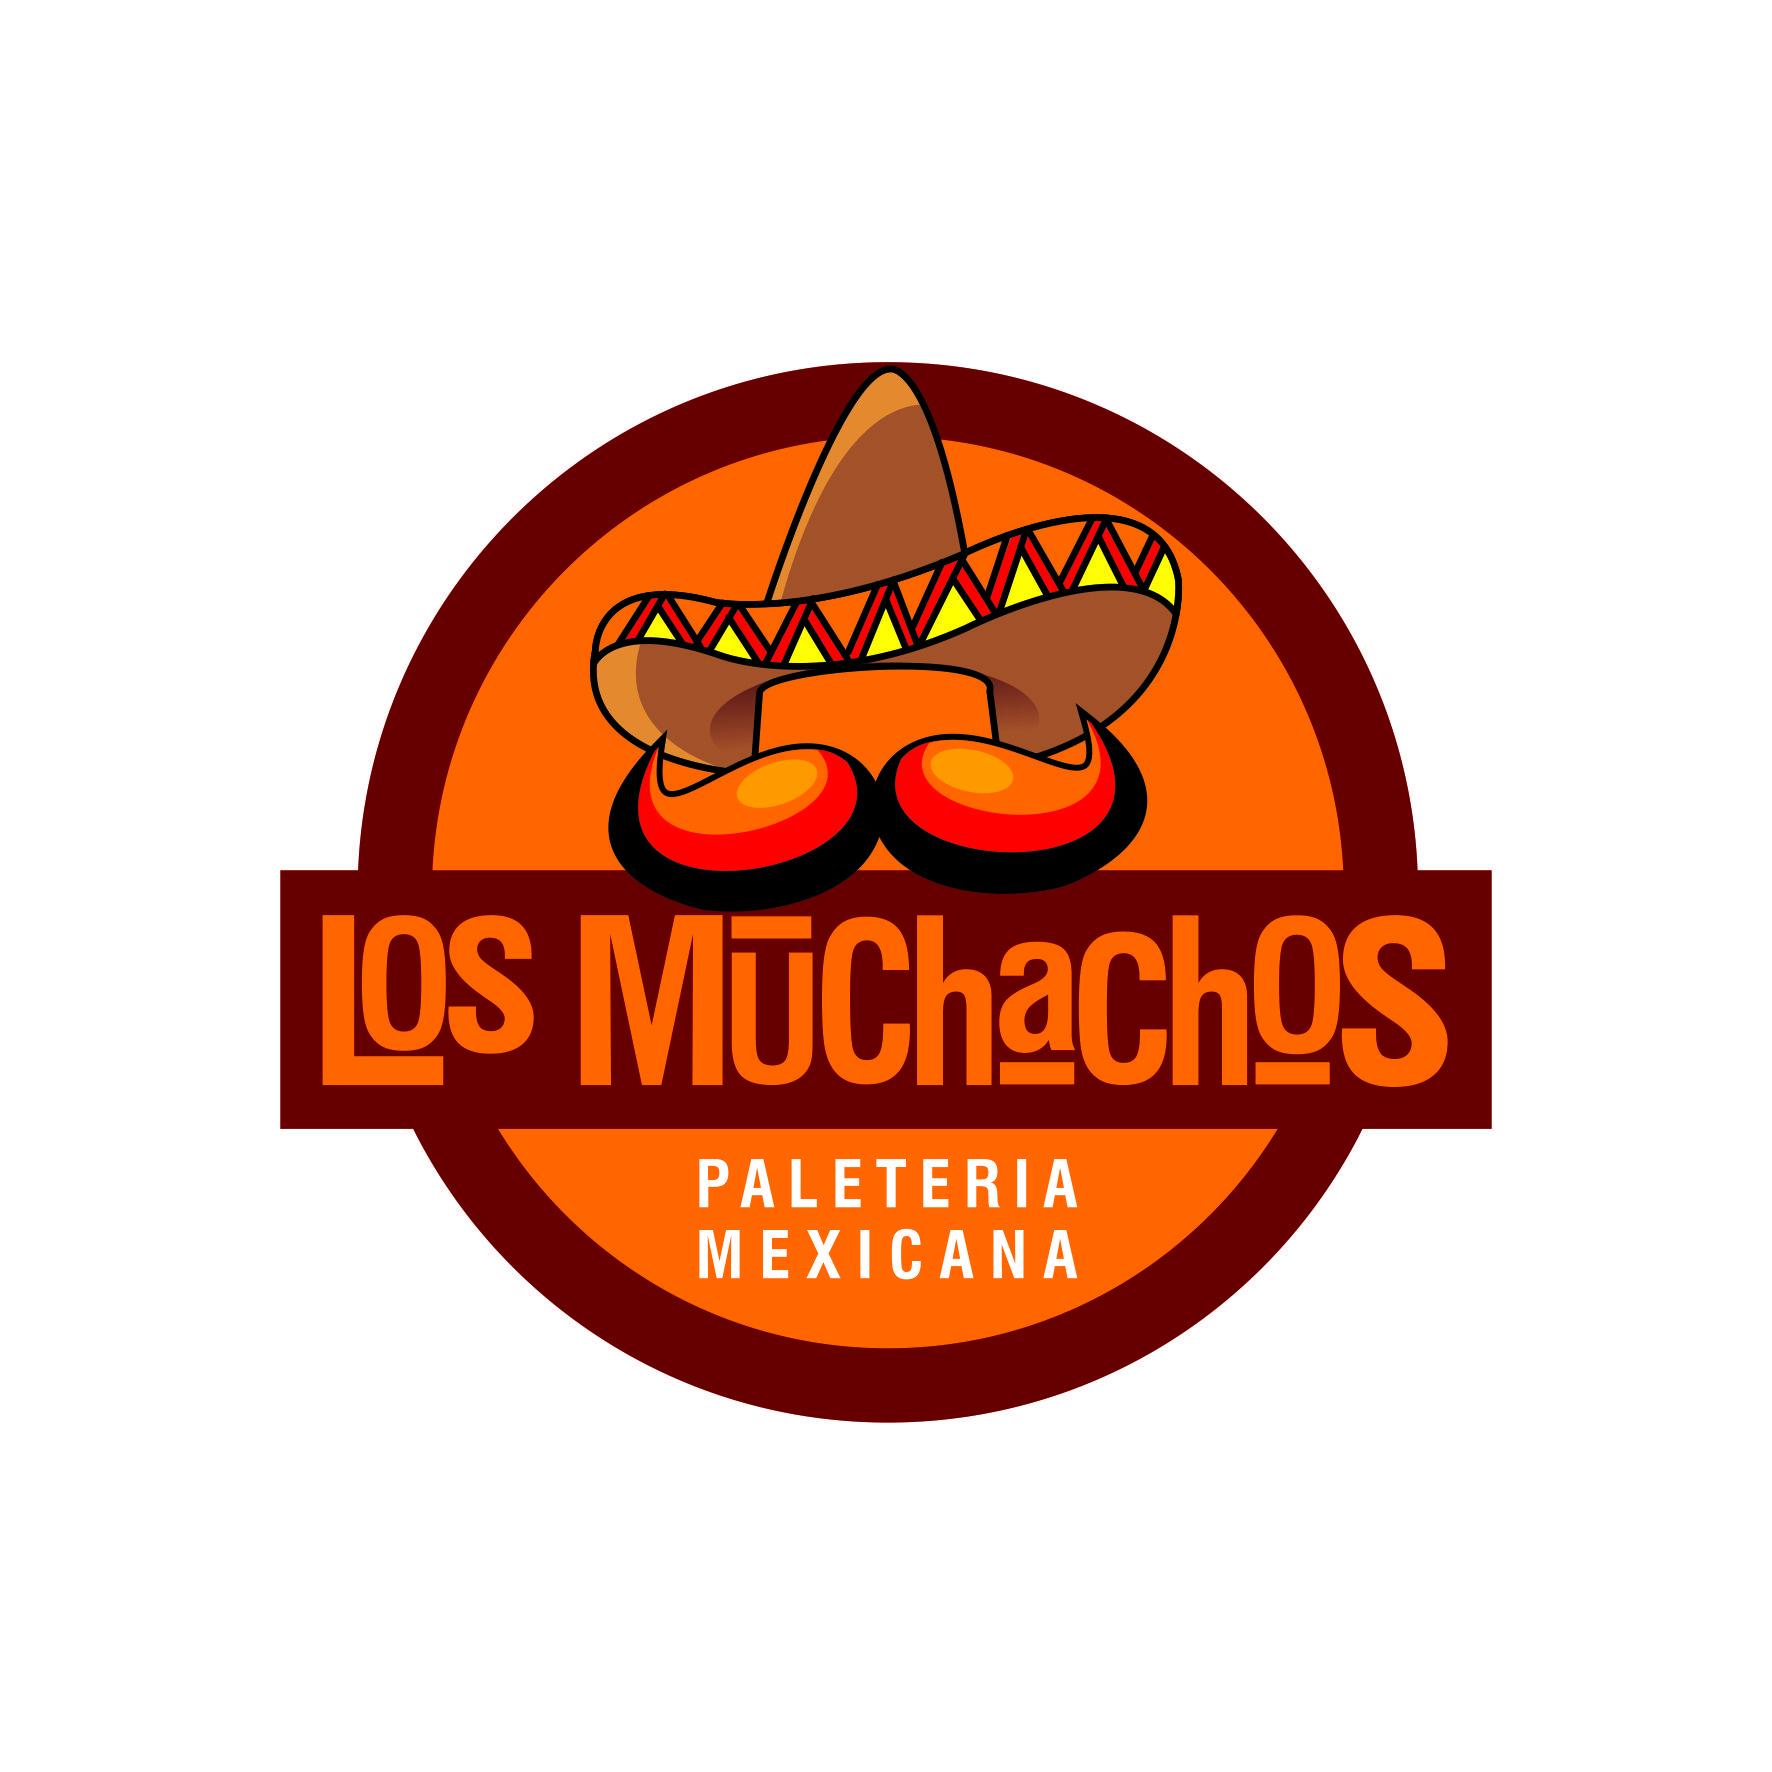 Criacao De Logomarca Para Uma Paleteria Mexicana Paleteria Pinterest